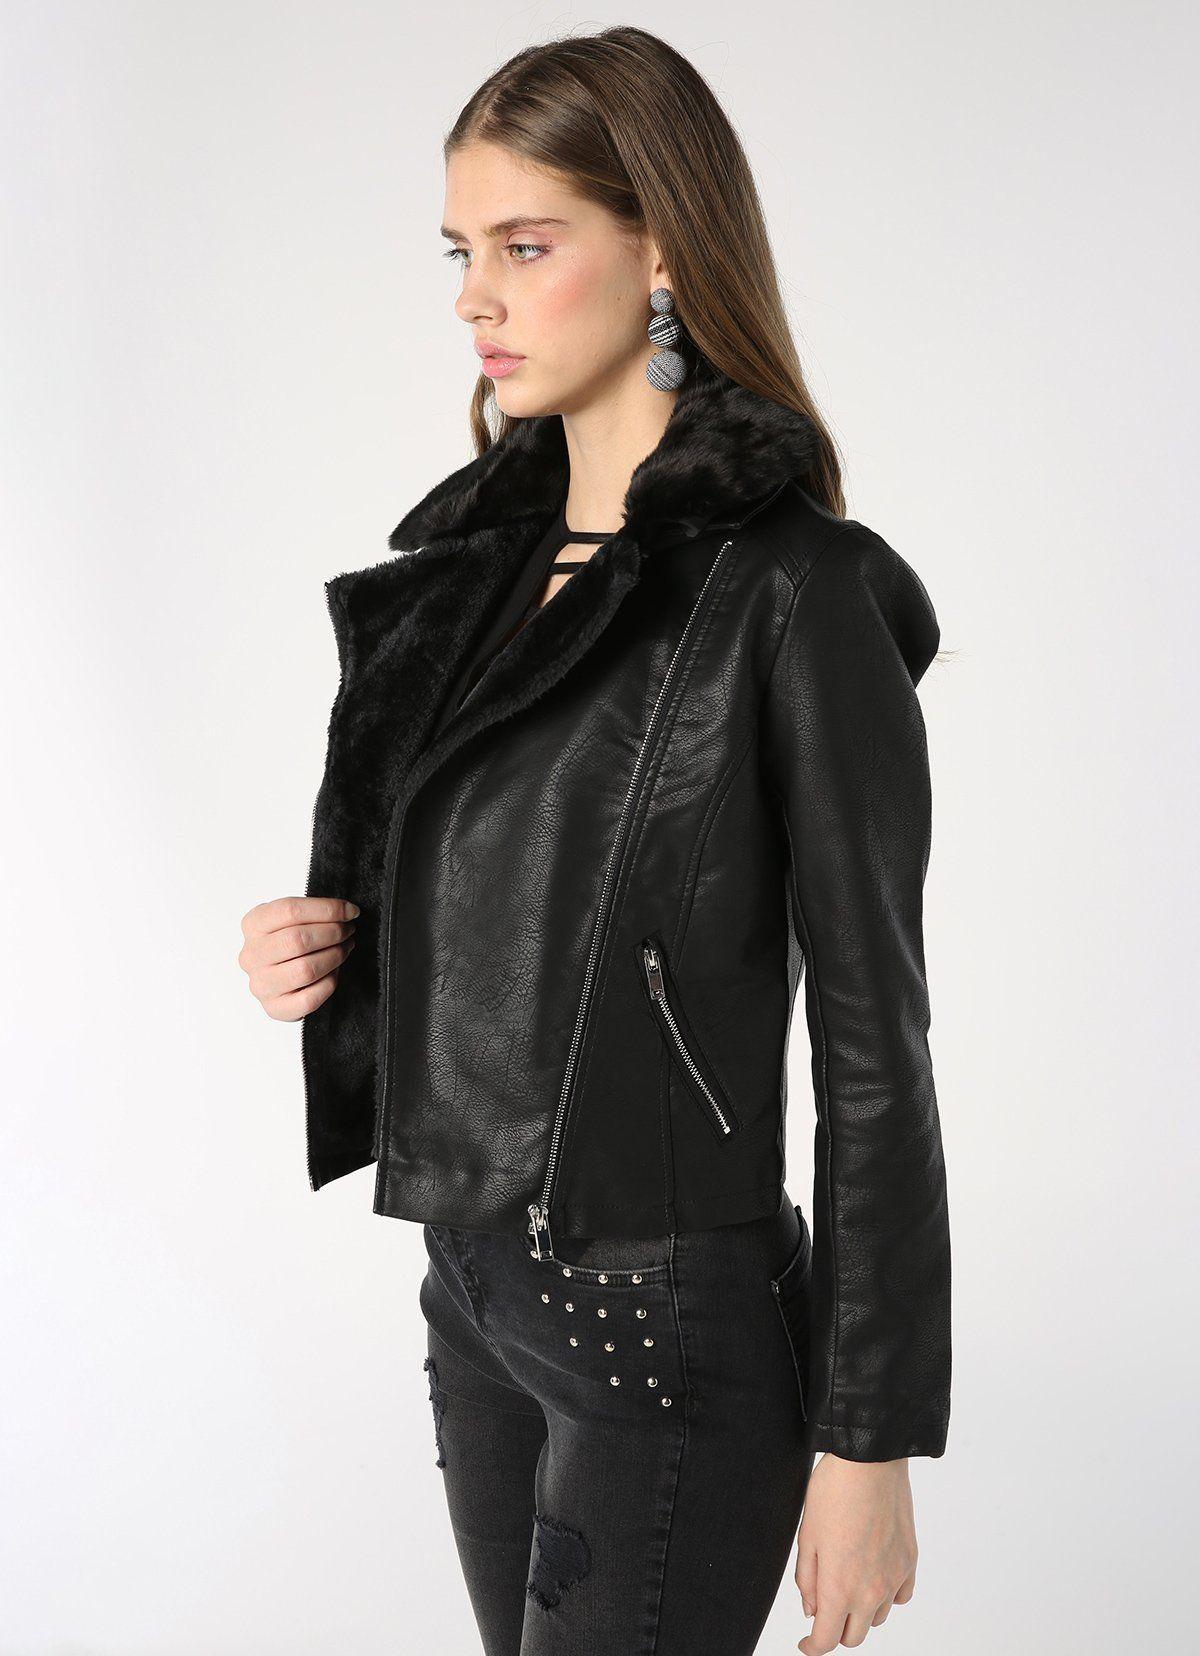 ac390d2b3b La veste en cuir est une pièce utile pour toutes les saisons. decouvrez  notre selection de 27 modèles vestes en cuir tendance 2019 qui vont vous  aider à ...